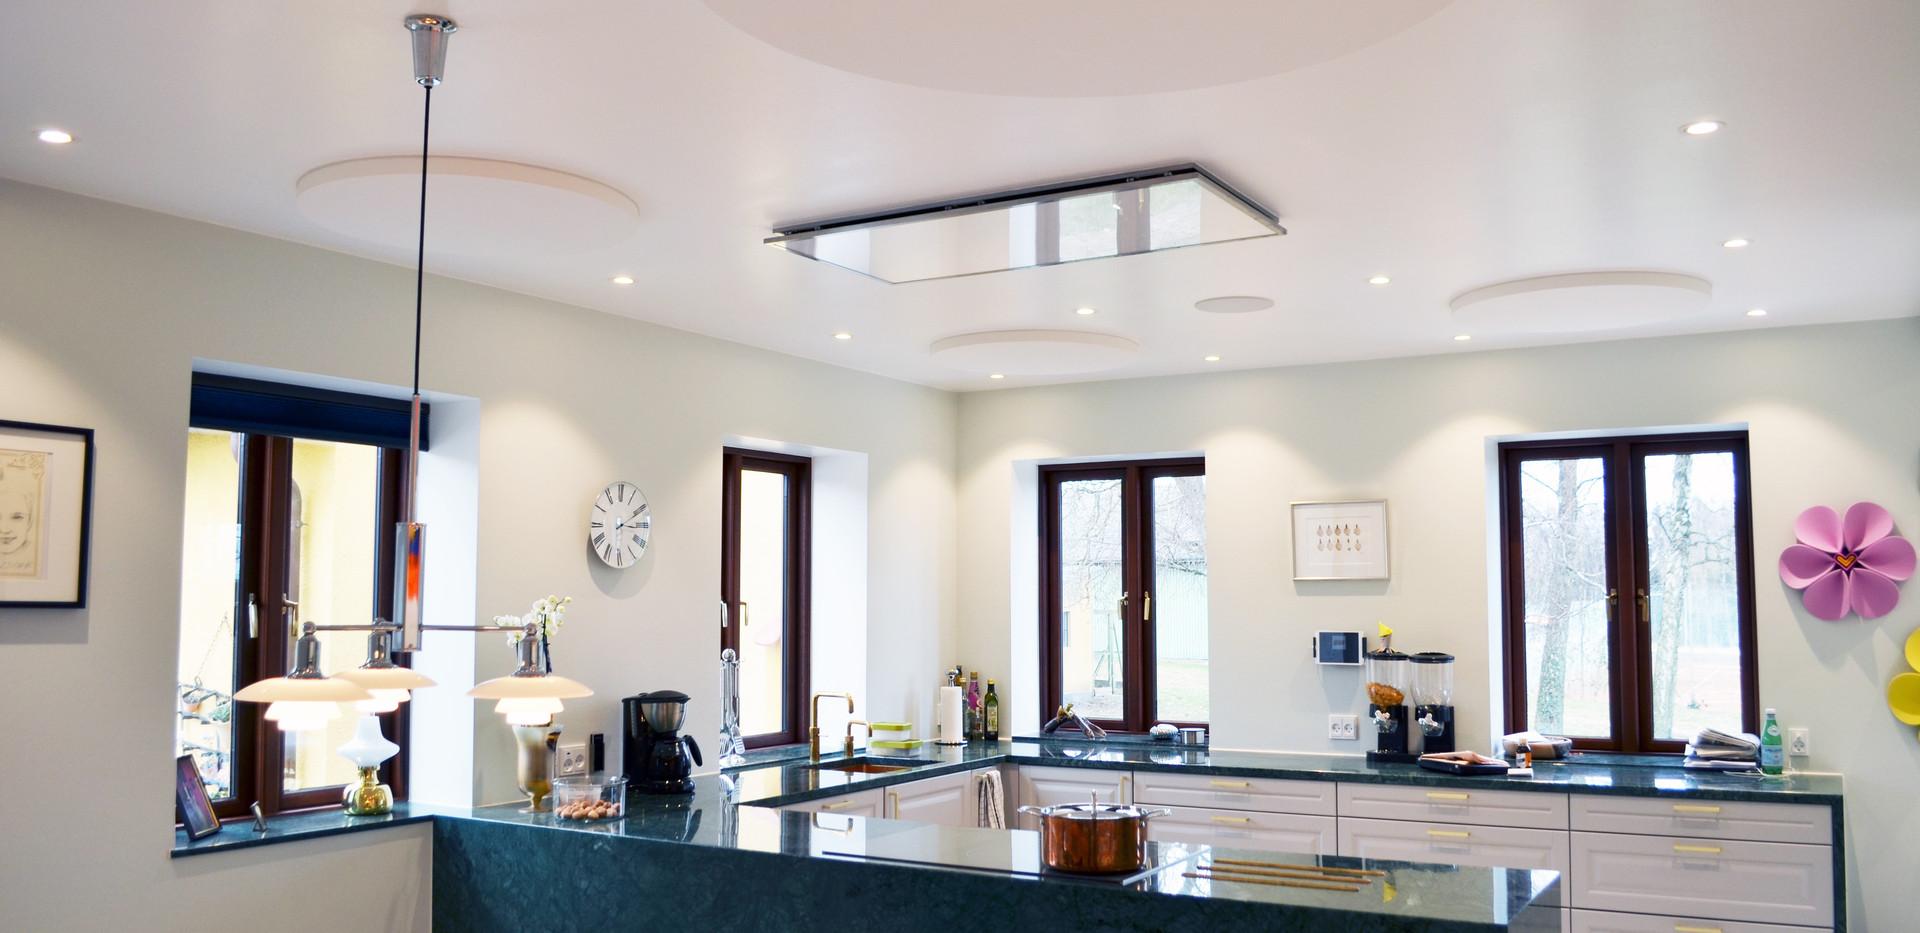 Ro i køkken/alrum - god akustik og støjdæmpning med Runde Alpha SOLO